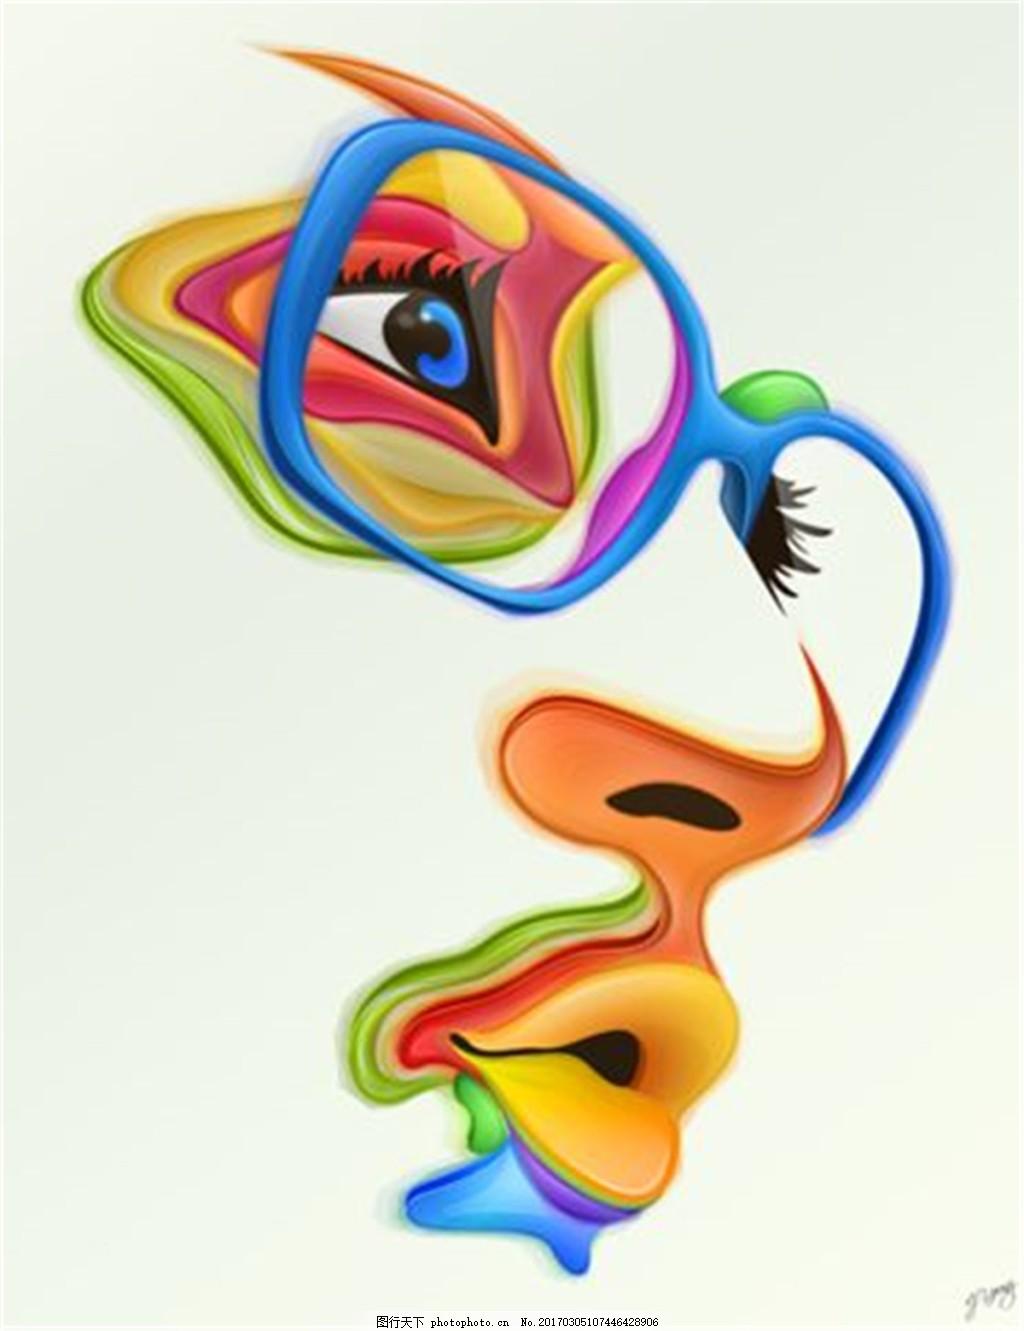 彩妆眼镜图片